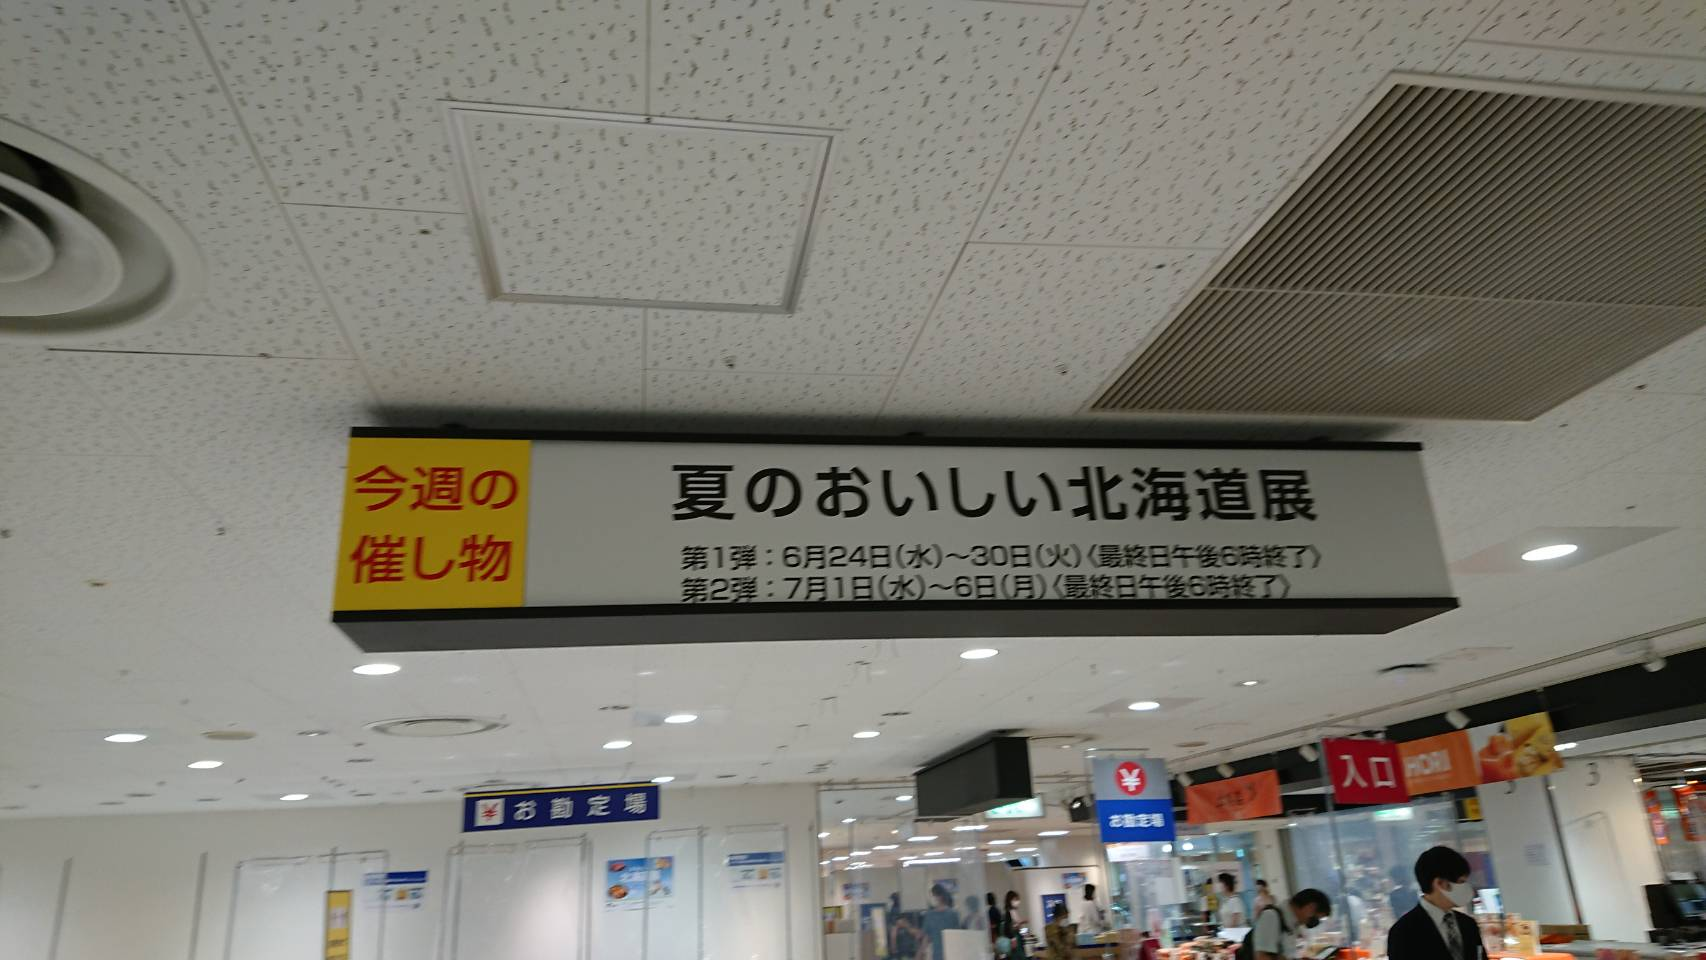 【枚方店】伊勢丹百貨店 (京都市)